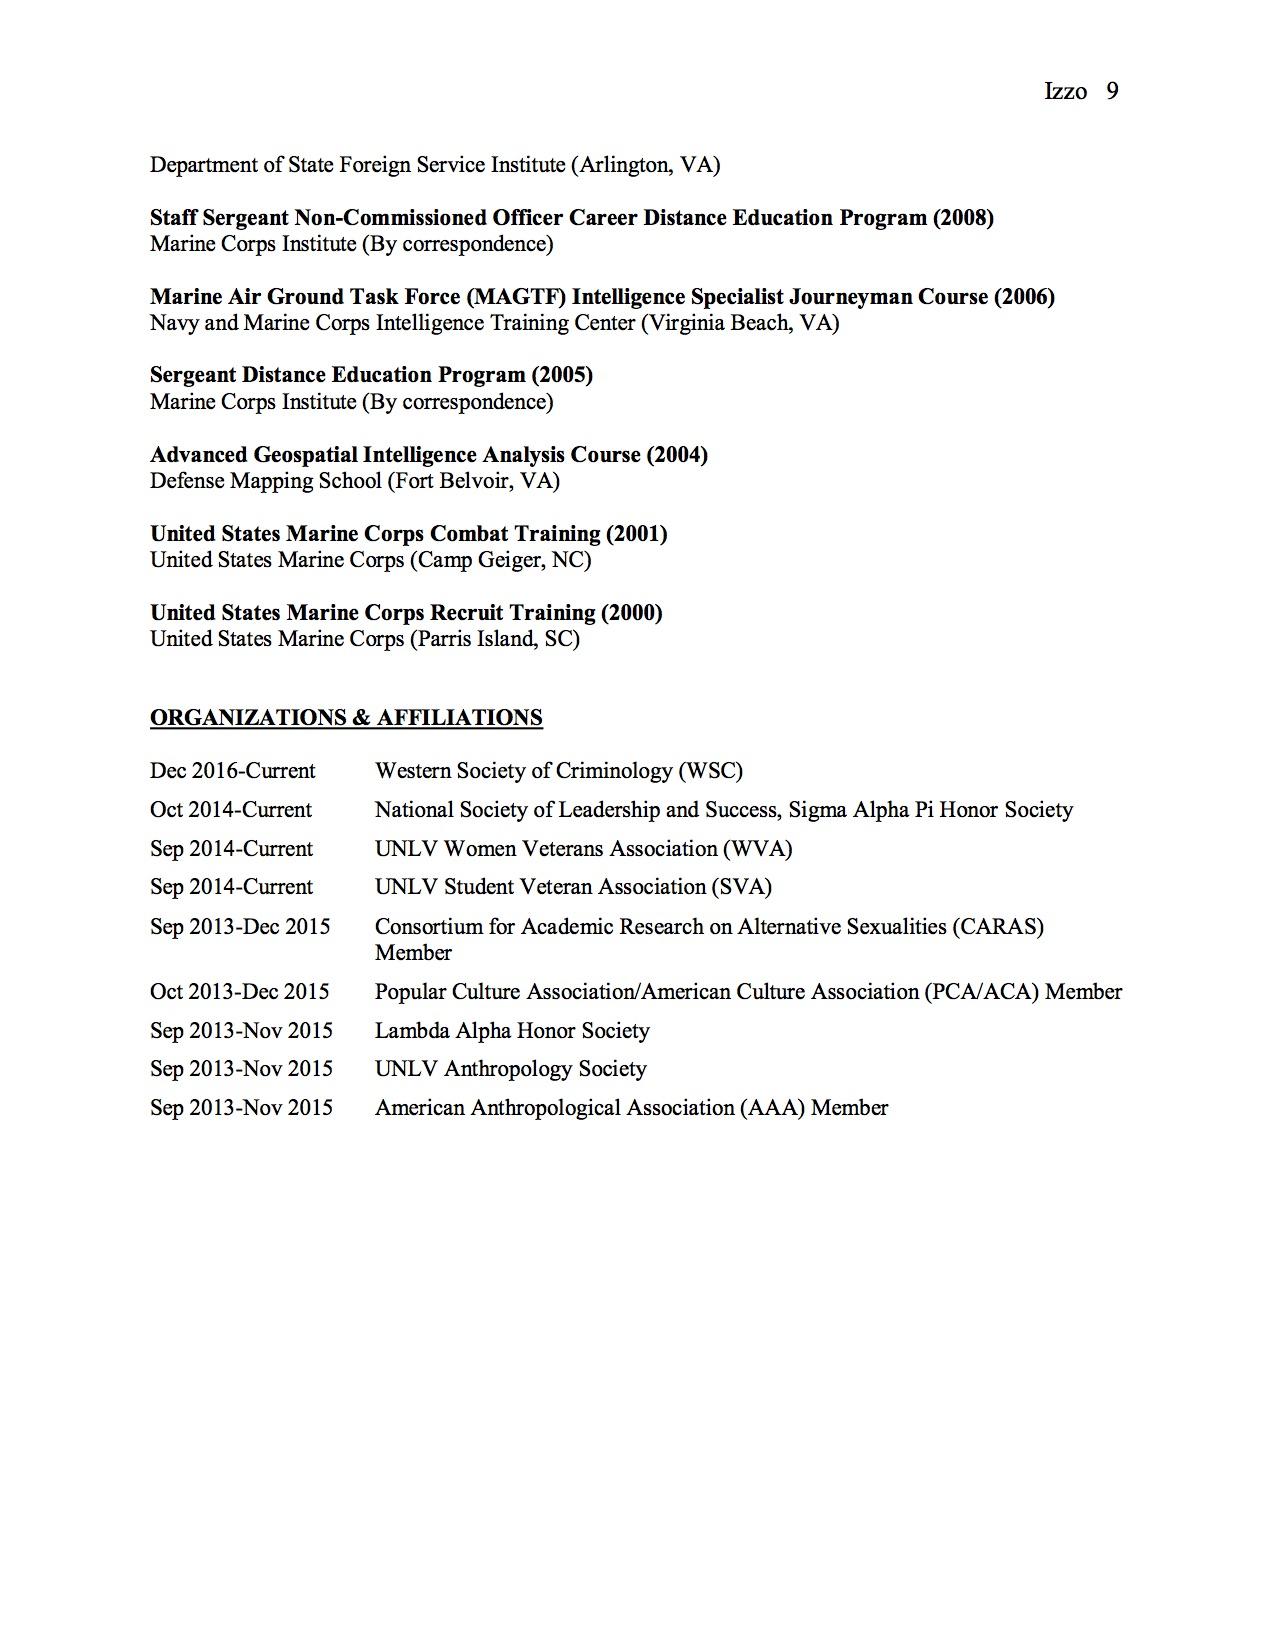 Izzo CV Aug 2017-page9